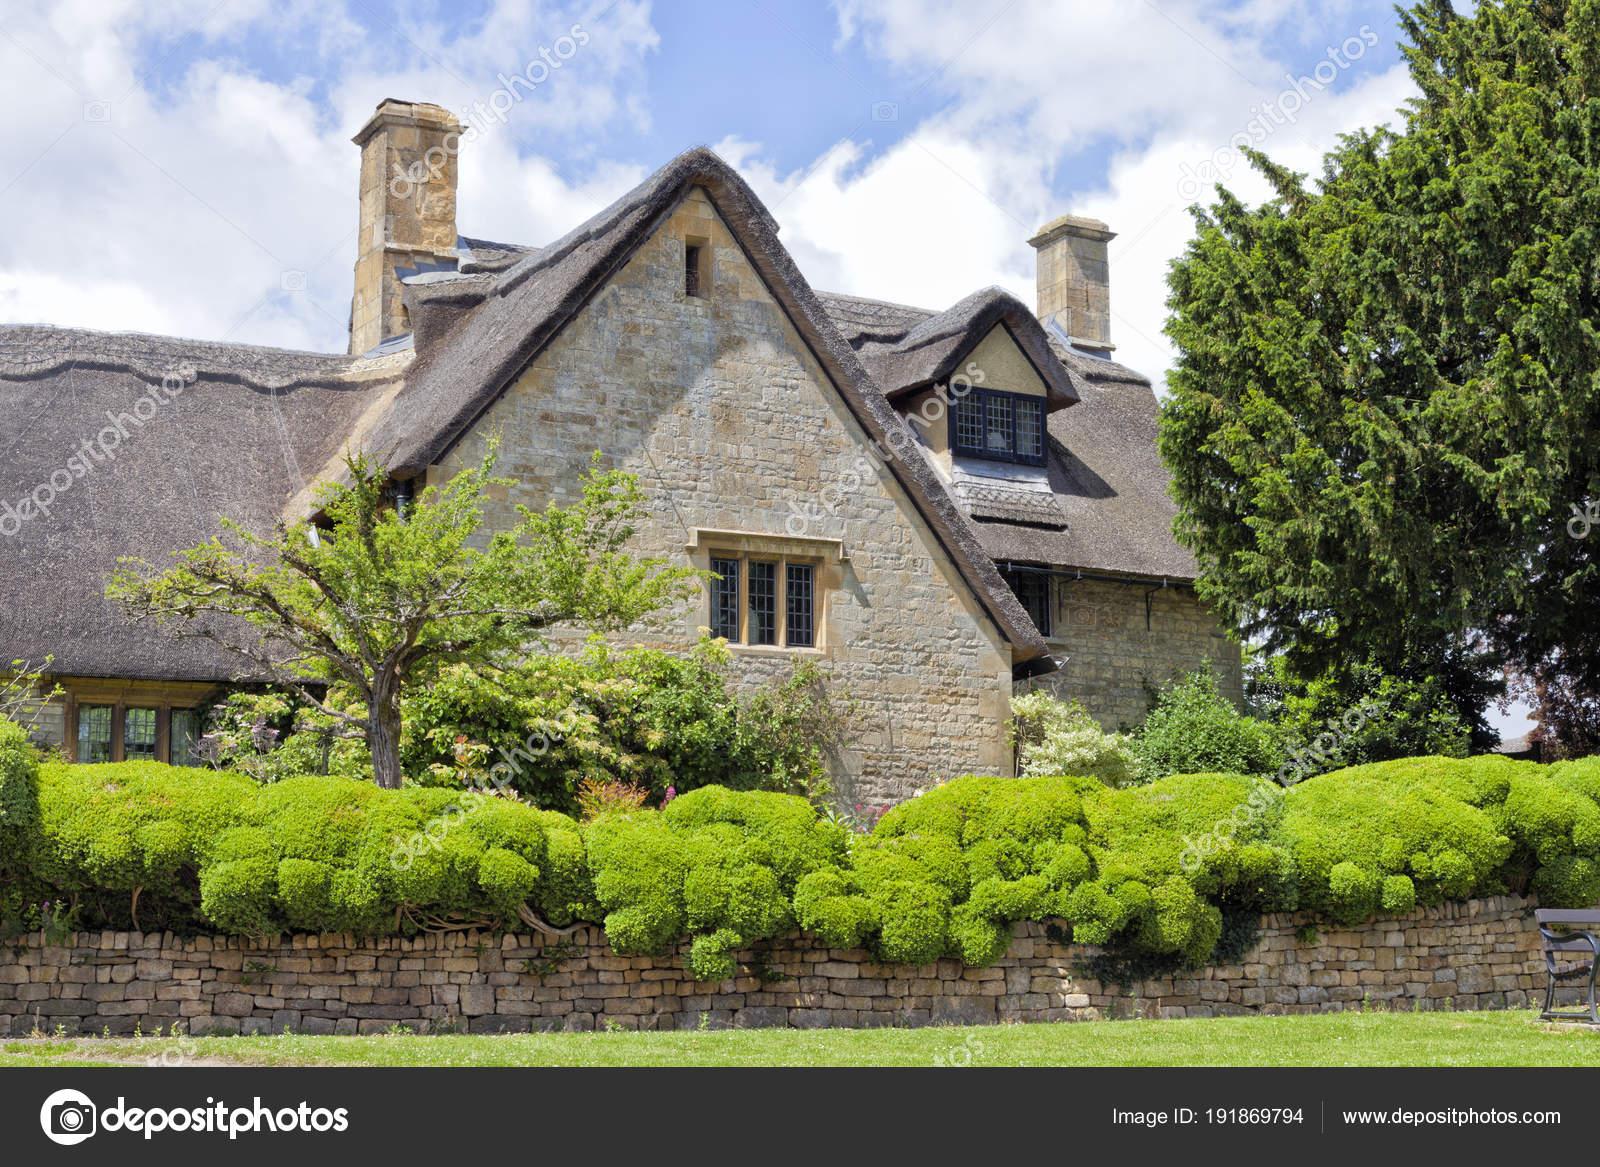 Alten Strohgedeckten Dach Englischen Cottage Einer Landlichen Gegend